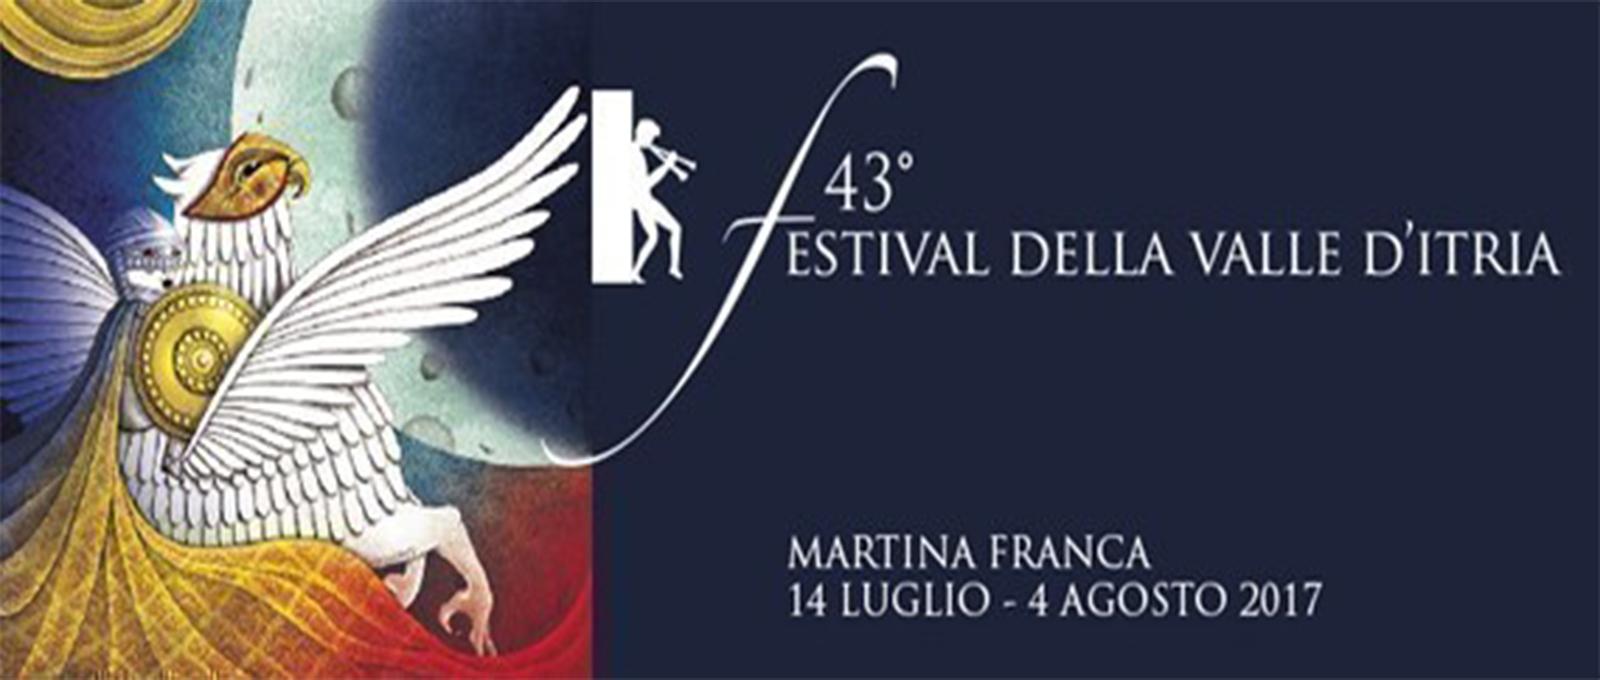 Festival Della Valle D'Itria | Casa Vacanze Il Carpino